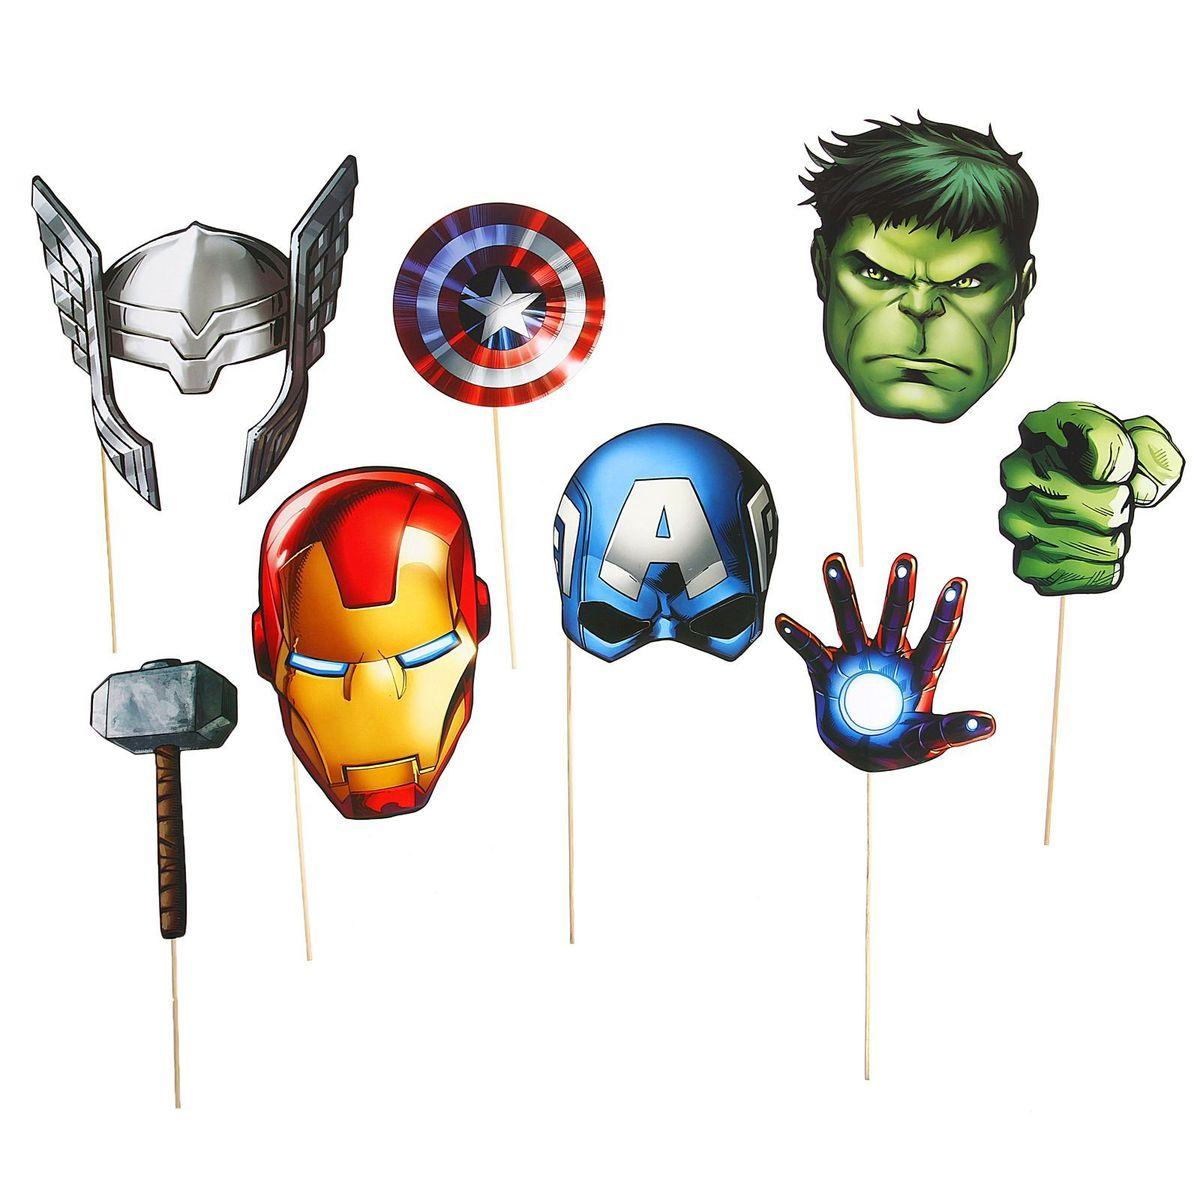 Набор фотобутафории Marvel Мстители, 8 предметов набор кухонный marvel rose wood 8 предметов